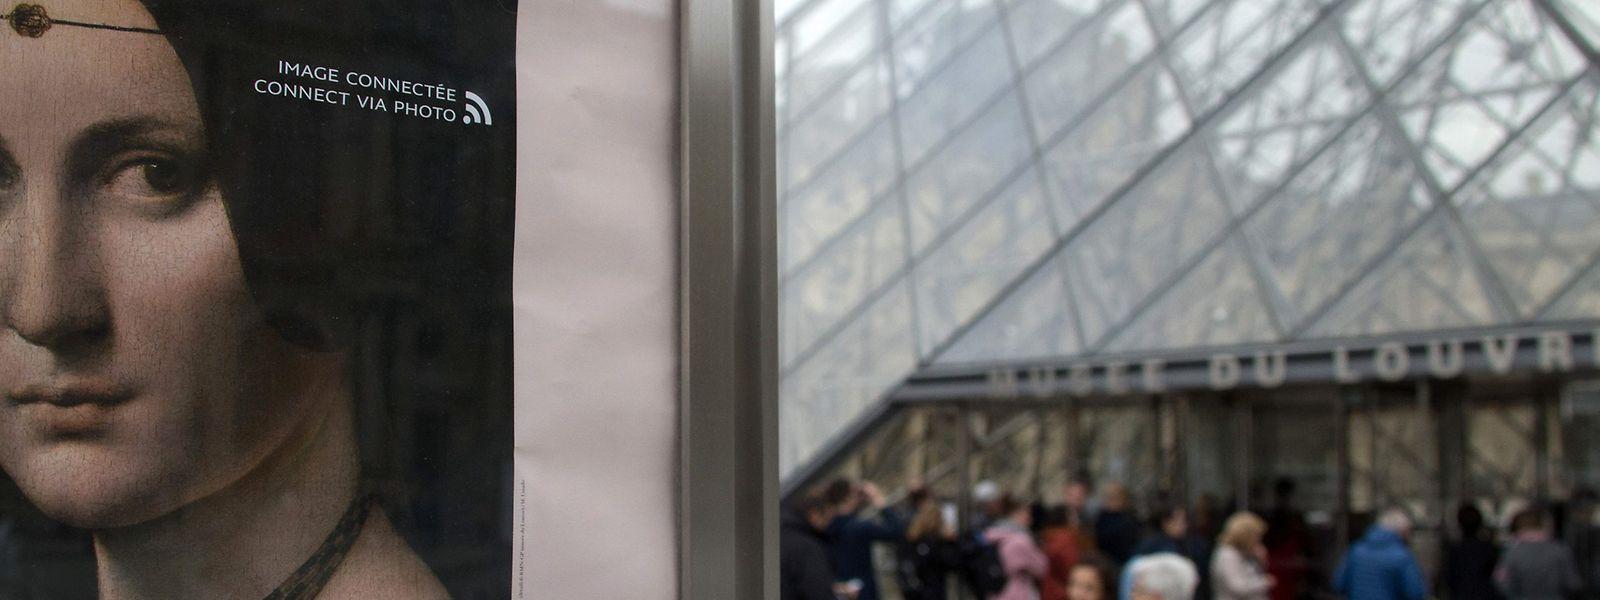 Die Ausstellung im Louvre ist noch bis zum 24. Februar 2020 zu sehen - jedoch bereits bis zum 2. Januar voll ausgebucht